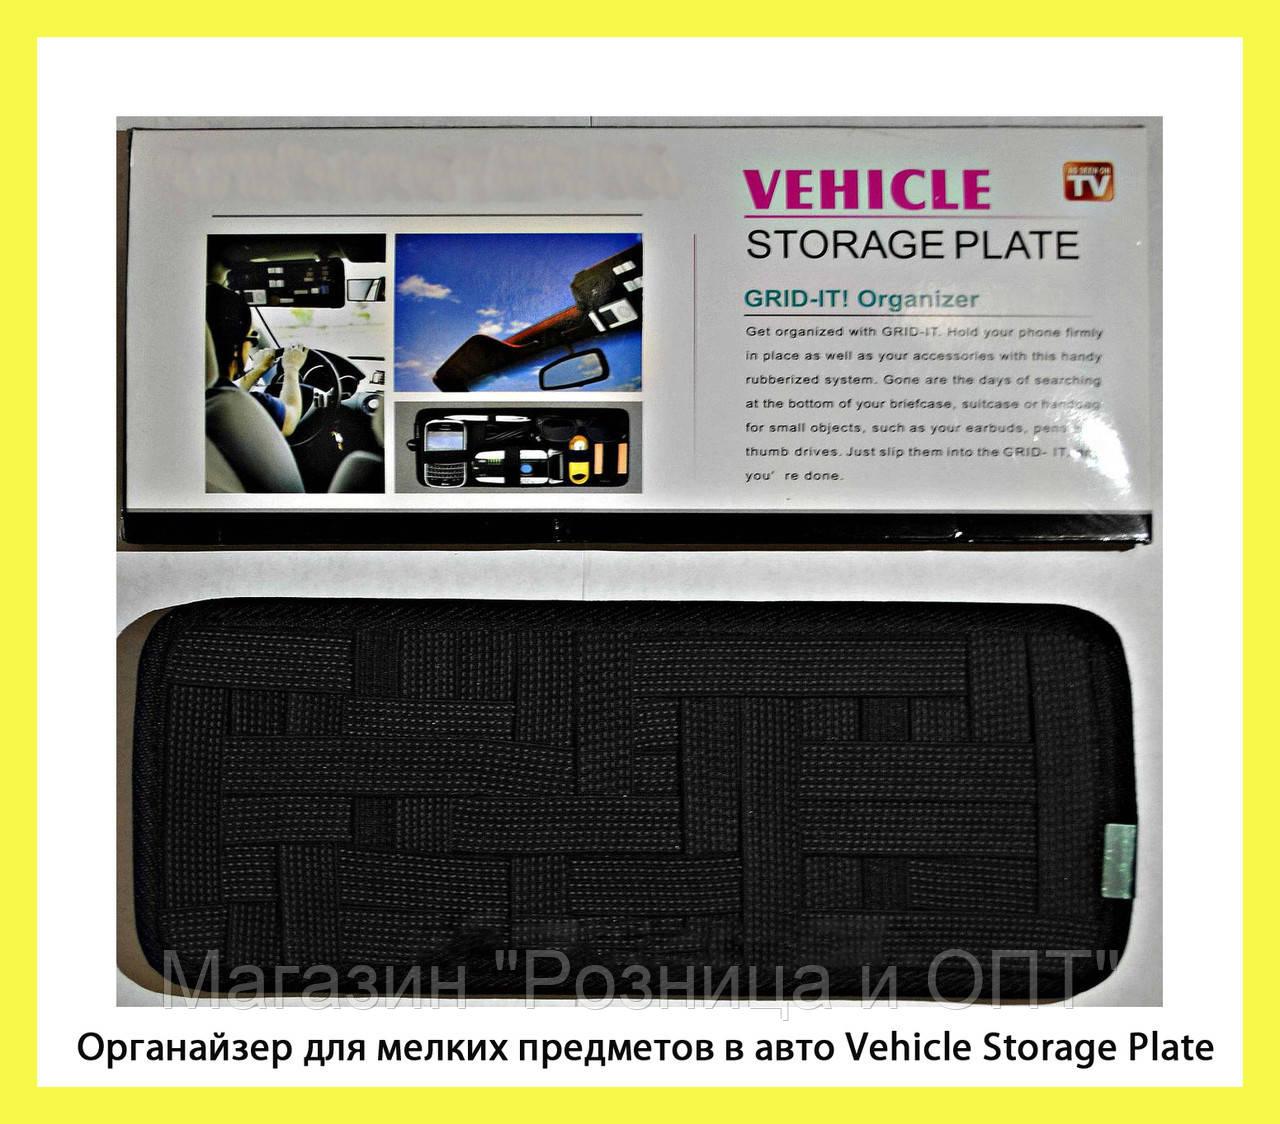 """Органайзер для мелких предметов в авто Vehicle Storage Plate!Опт - Магазин """"Розница и ОПТ"""" в Одессе"""